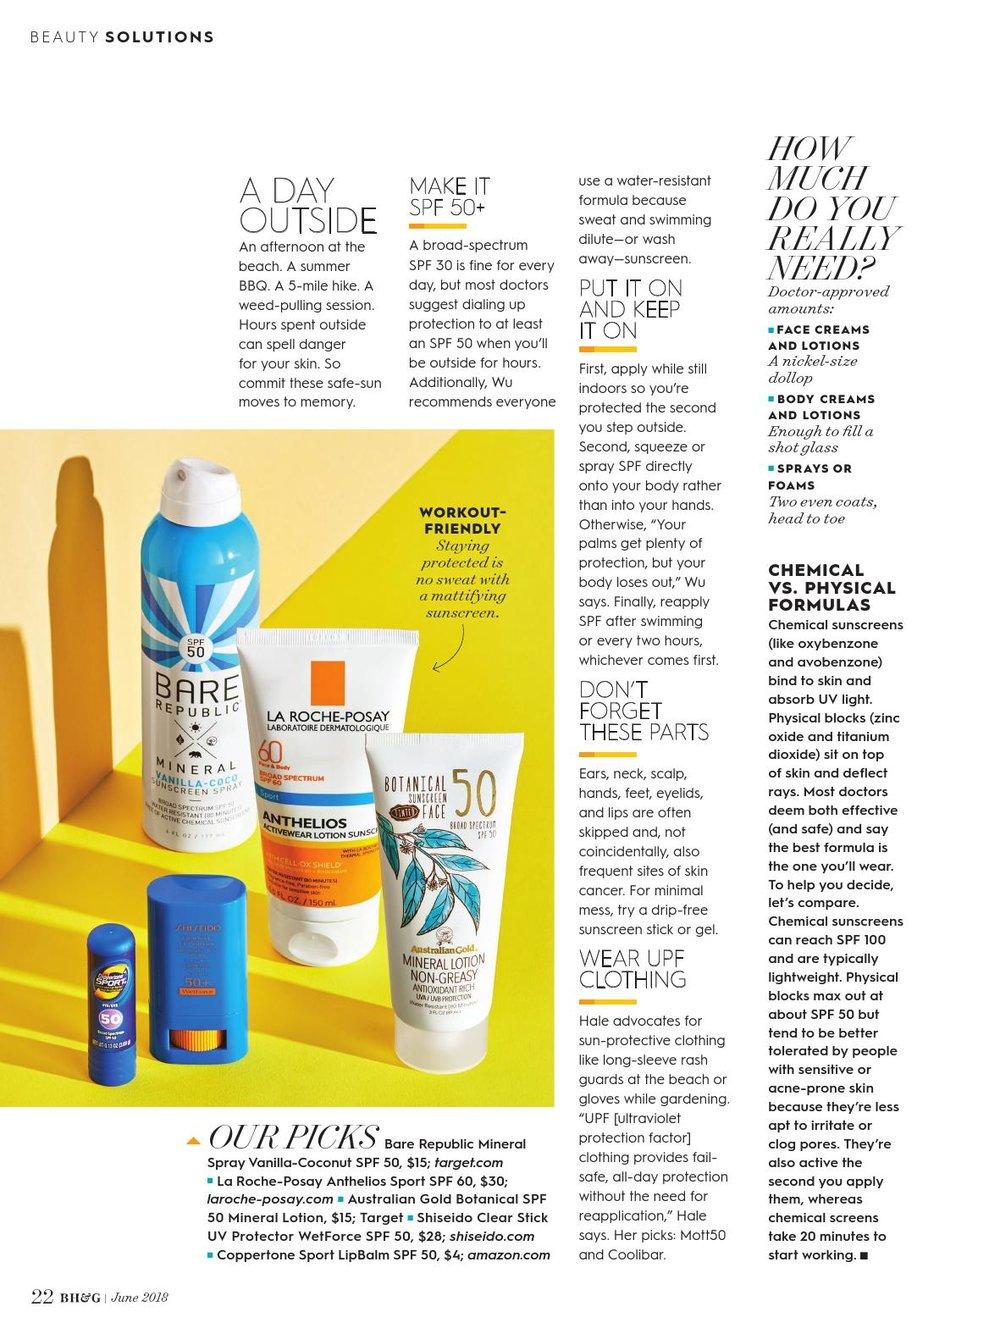 GM - 020-022 BHG0618 Beauty Sun Protection_000002.jpg